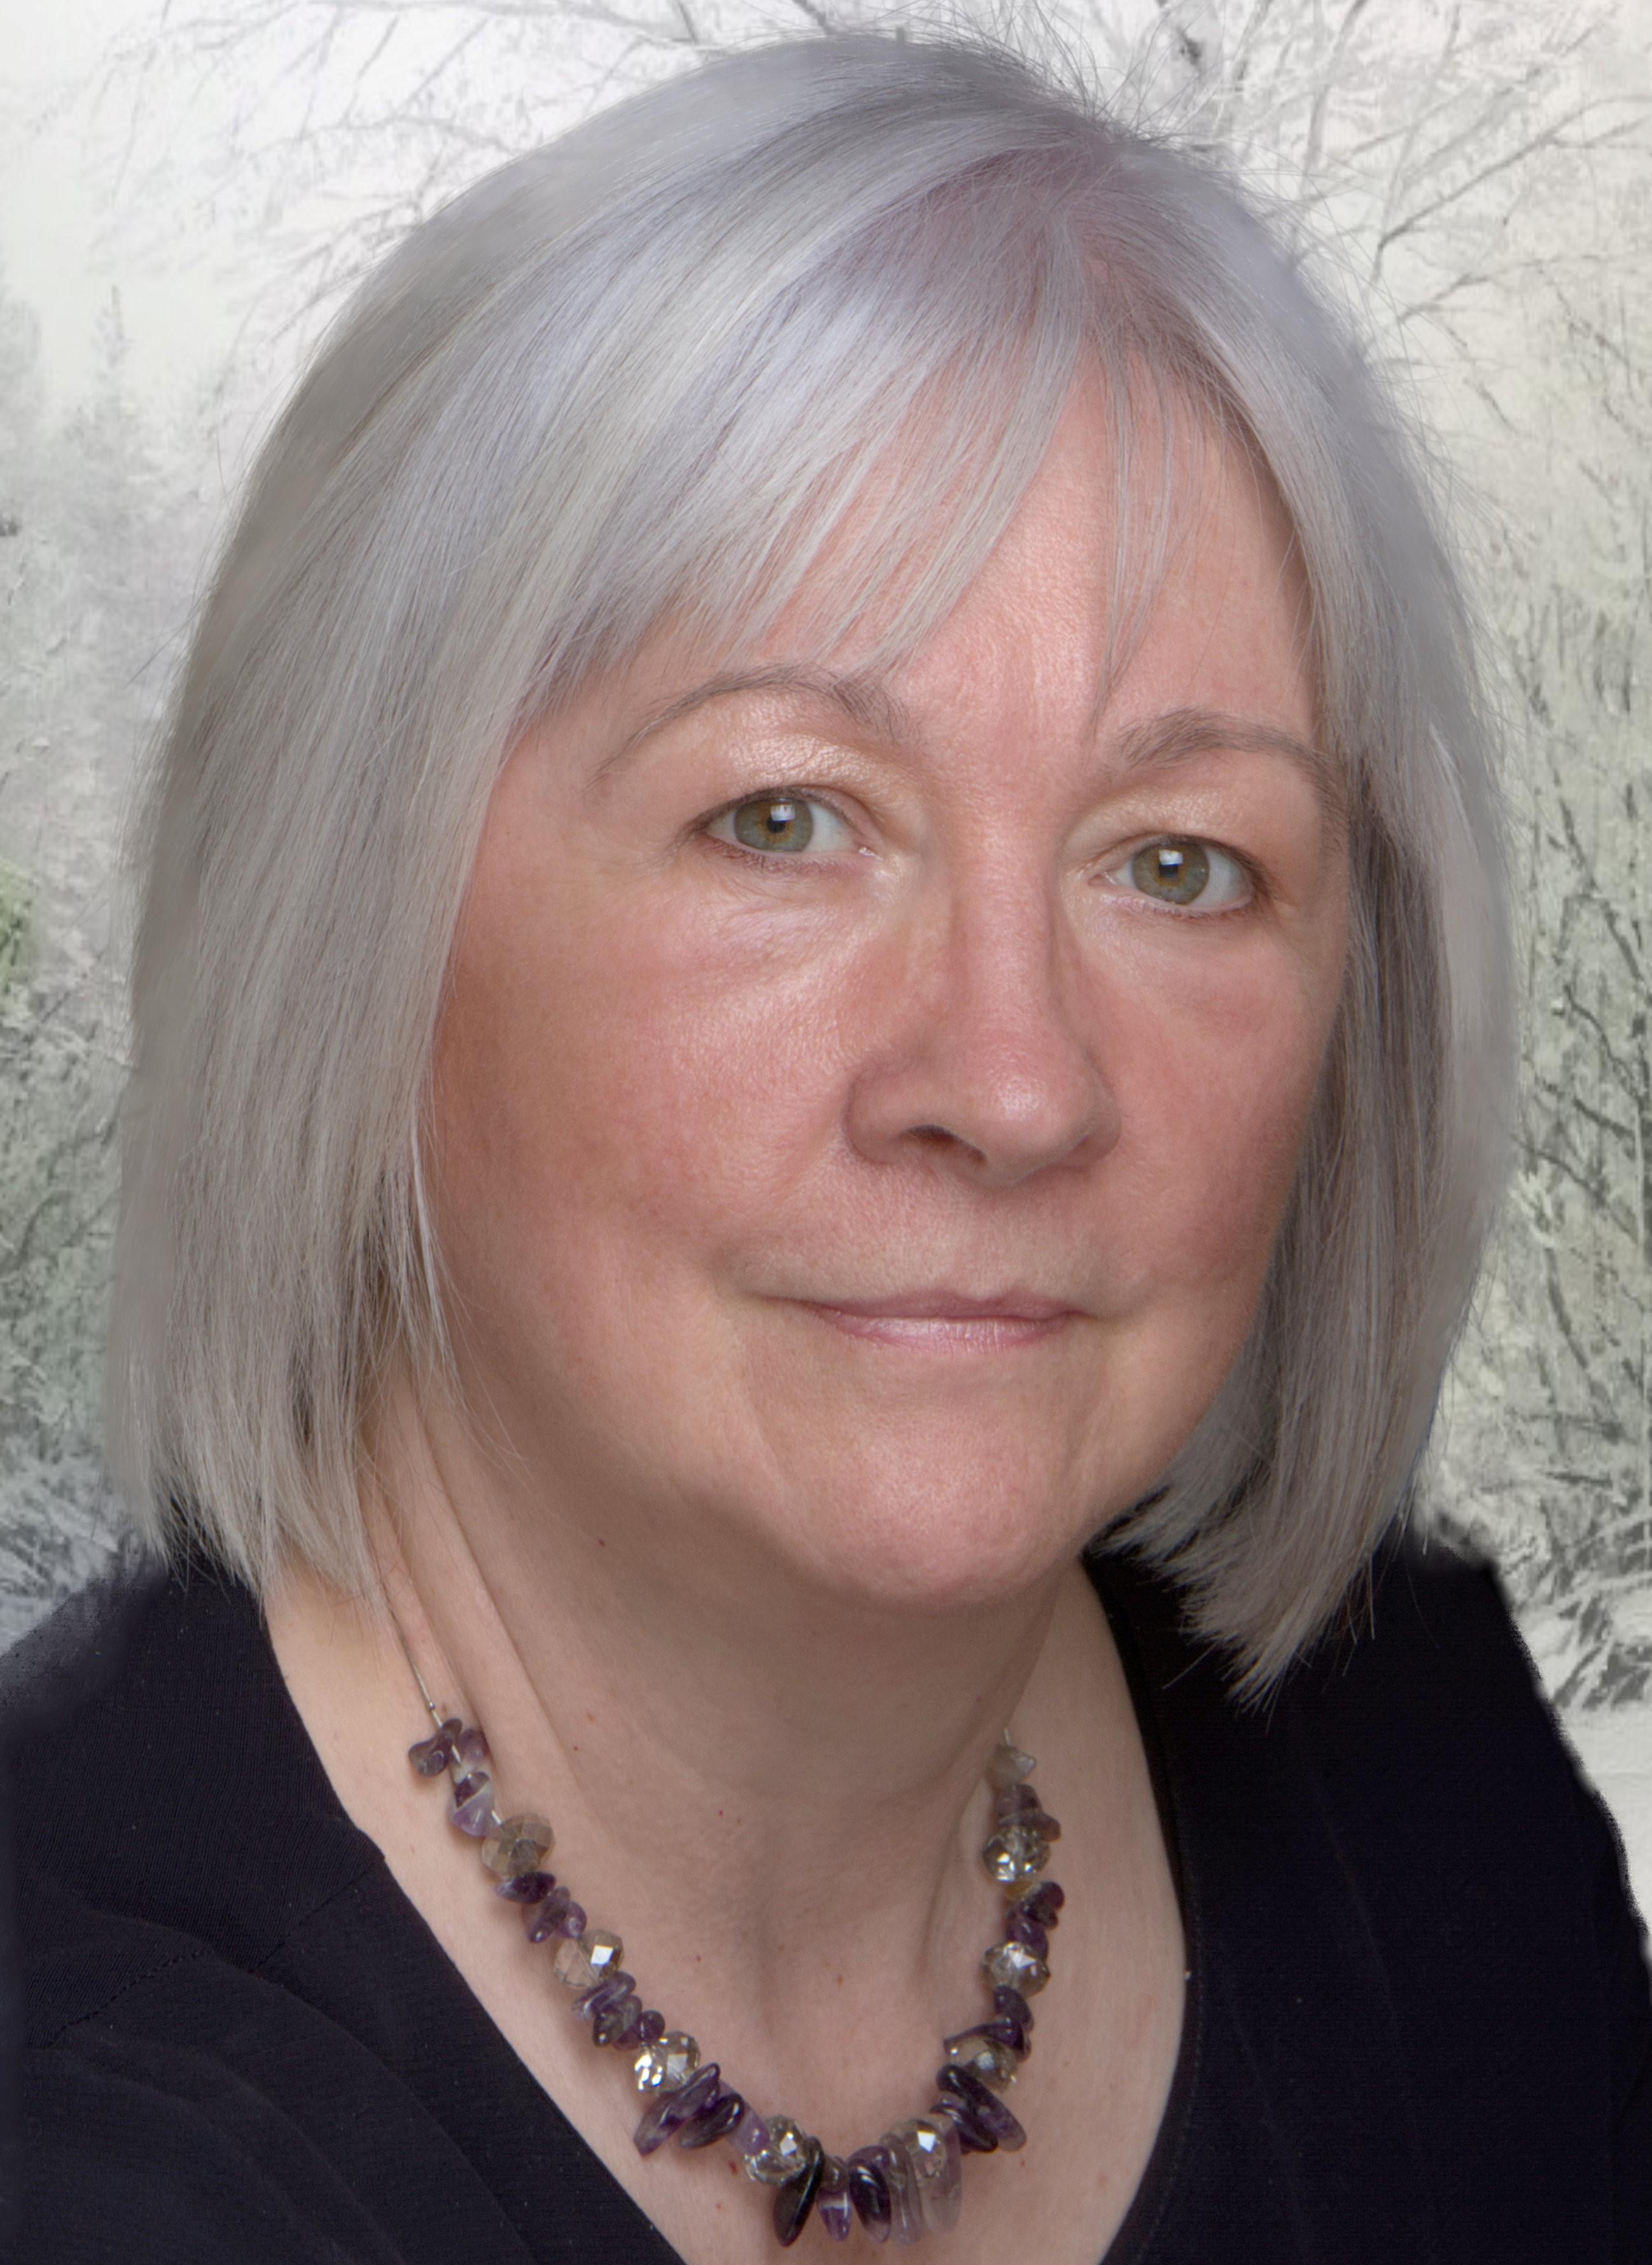 Janet Bakewell